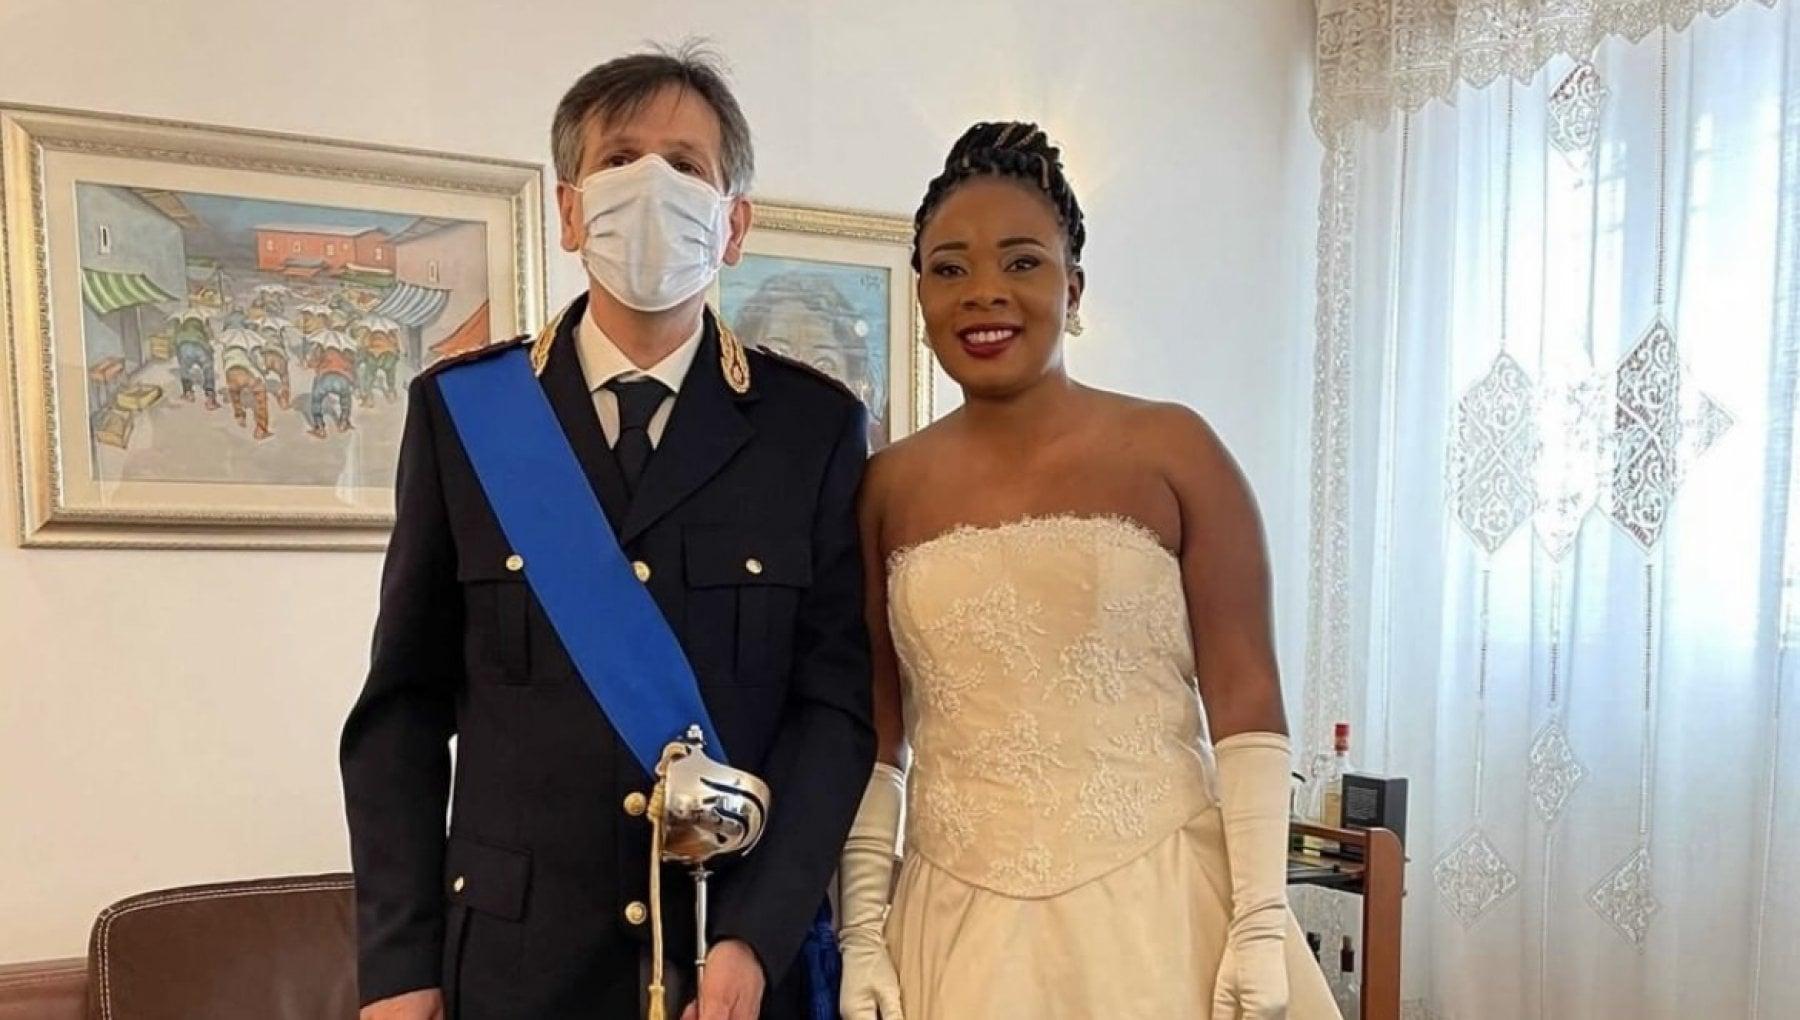 Arrivata in Italia a 13 anni, poliziotto si prese cura di lei: «Come un padre». Dopo 23 anni la accompagna all'altare